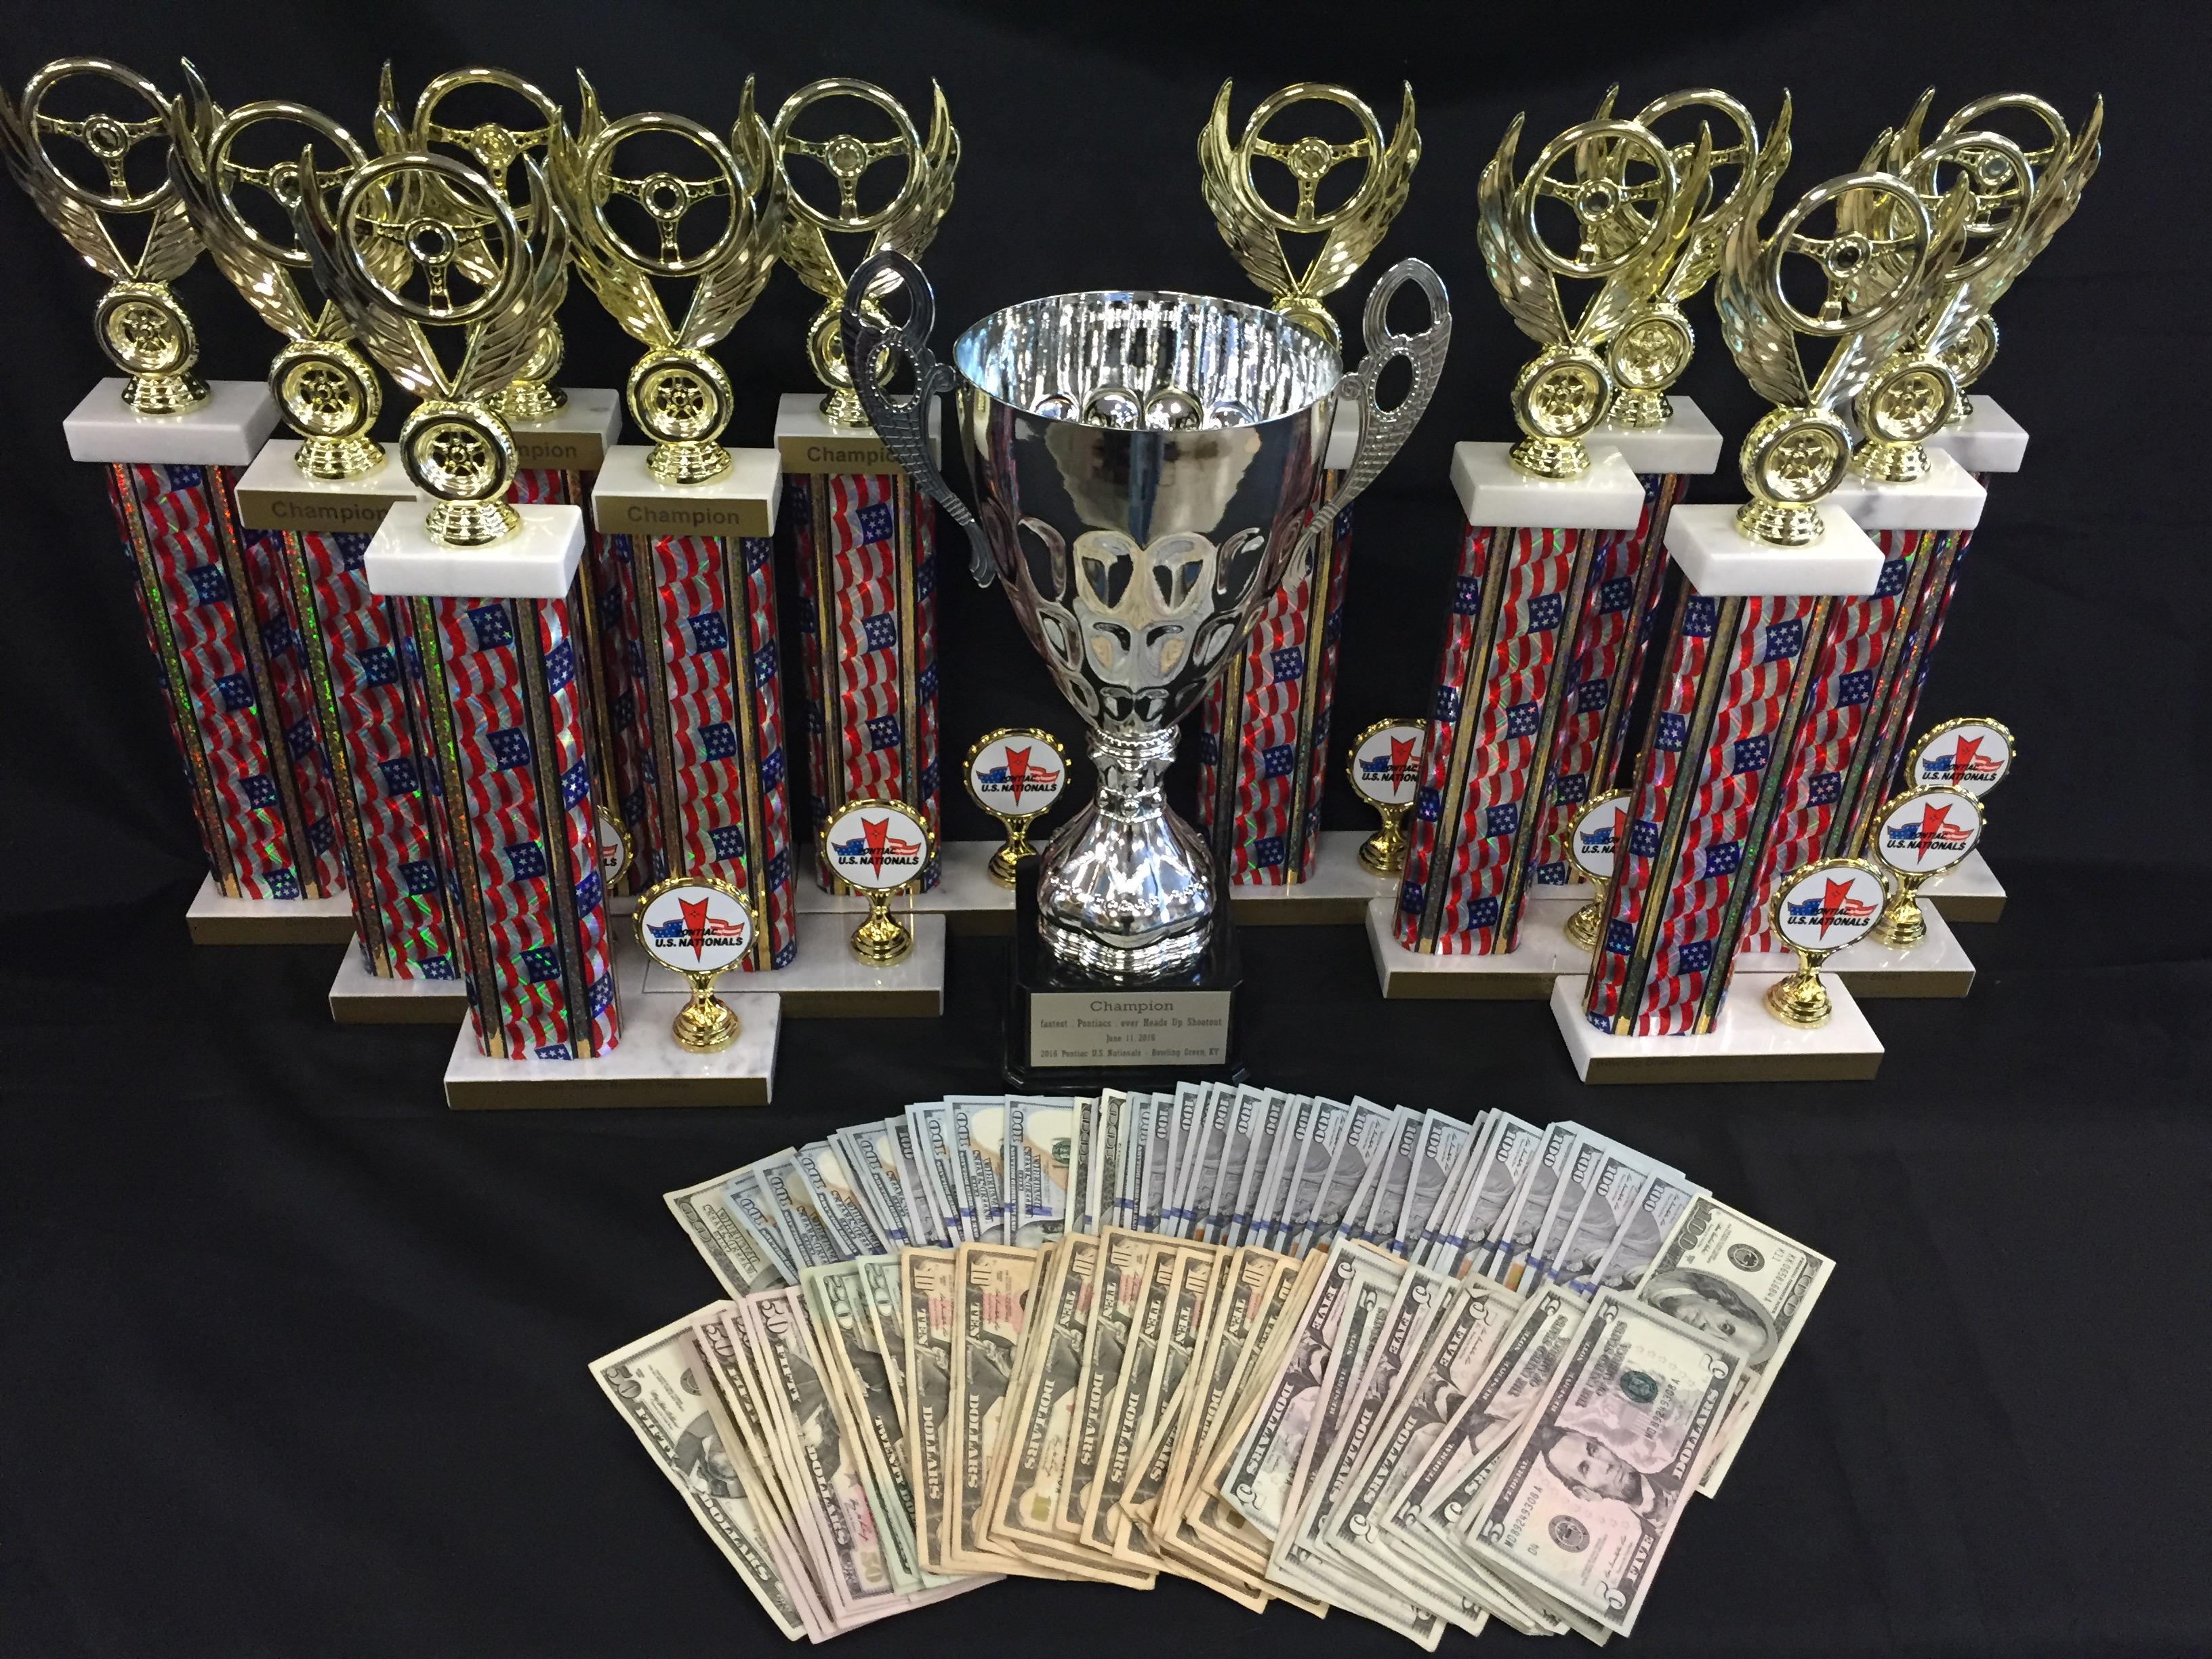 2016 Pontiac US Nationals Prizes 1